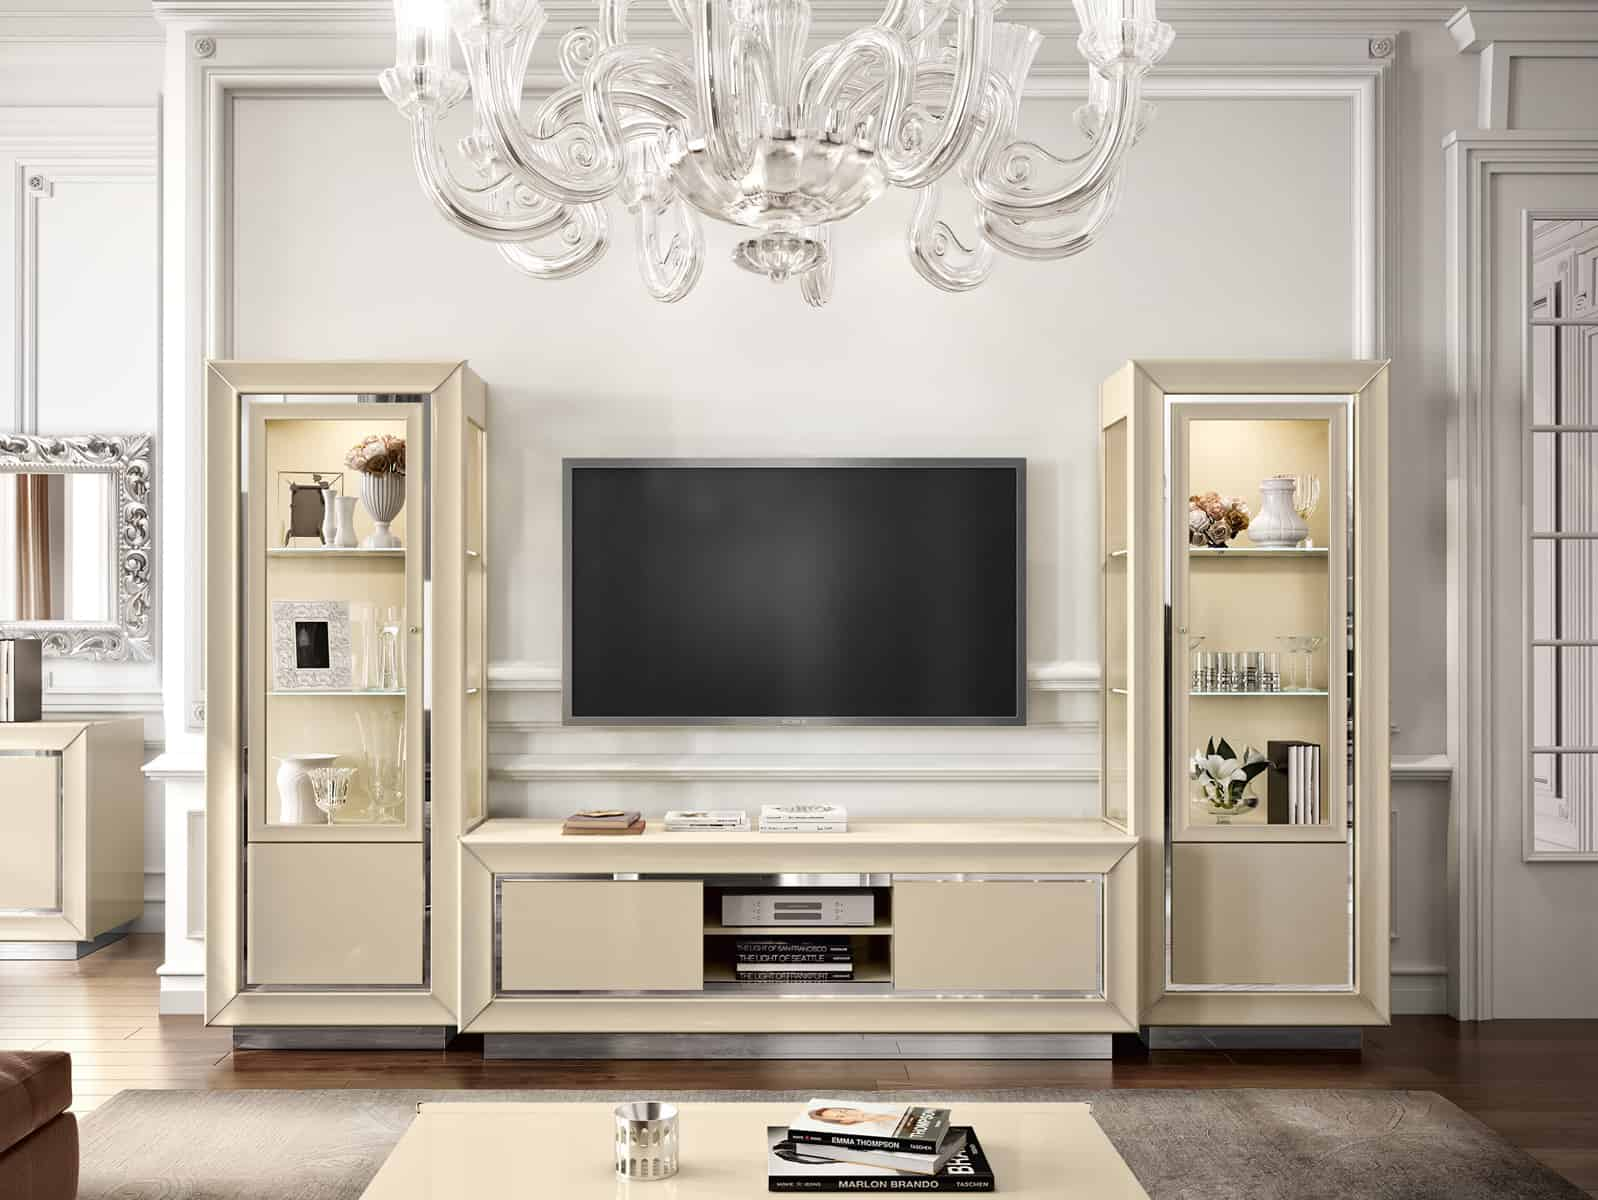 Moderný nábytok do obývačky, vitrína a skrinka pod TV